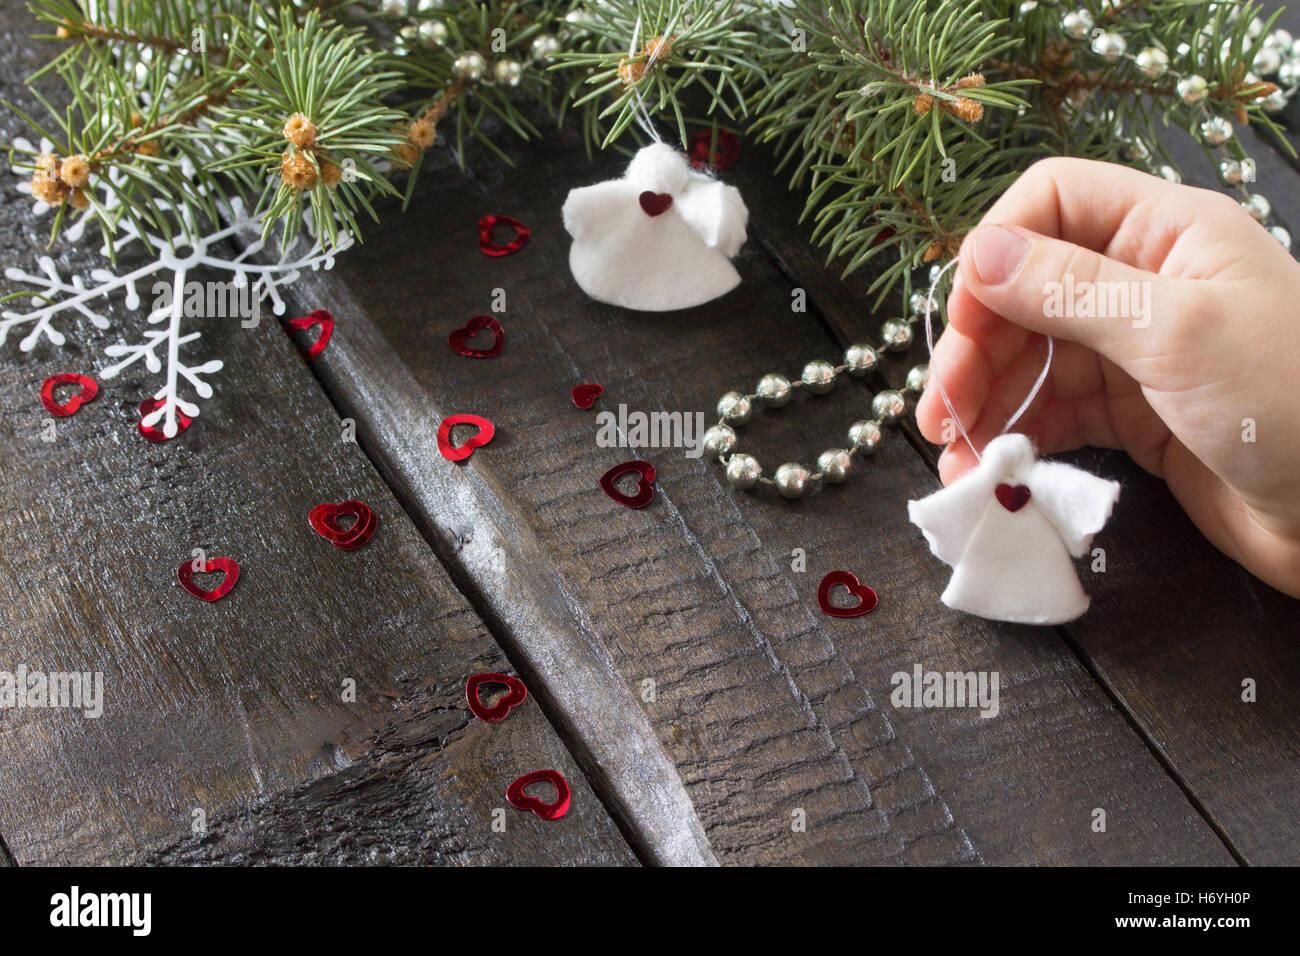 Erstellen Sie Kind Weihnachten Geschenk Spielzeug Engelchen In